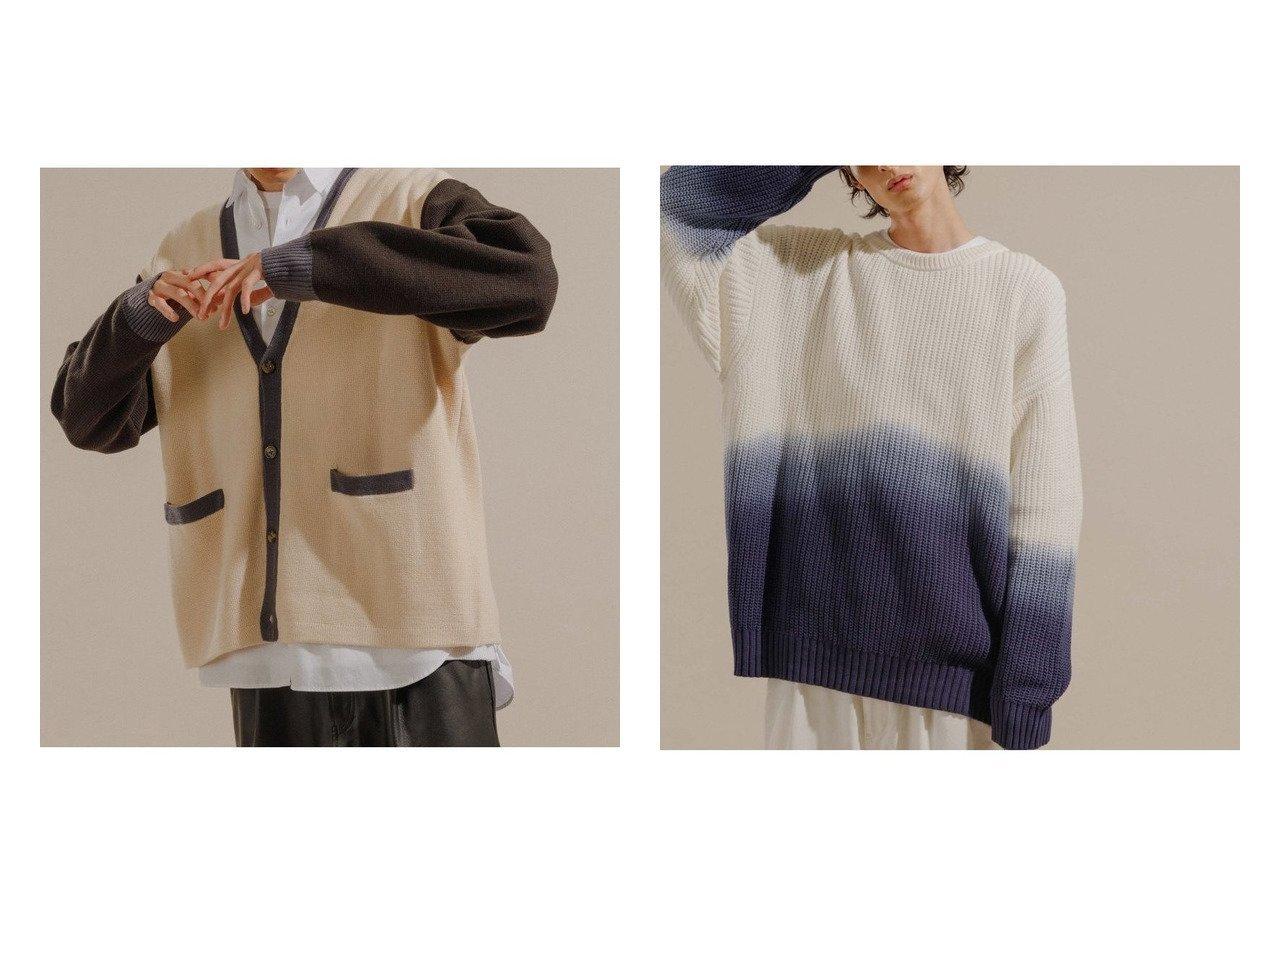 【ADAM ET ROPE'/アダム エ ロペ】の【LOGAN】UNISEX&【LOGAN】UNISEX 別注・限定・コラボなど、おすすめ!人気、トレンド・レディースファッションの通販 おすすめで人気の流行・トレンド、ファッションの通販商品 インテリア・家具・メンズファッション・キッズファッション・レディースファッション・服の通販 founy(ファニー) https://founy.com/ ファッション Fashion レディースファッション WOMEN トップス・カットソー Tops/Tshirt ニット Knit Tops カーディガン Cardigans NEW・新作・新着・新入荷 New Arrivals UNISEX スペシャル トレンド ビッグ 別注  ID:crp329100000057259